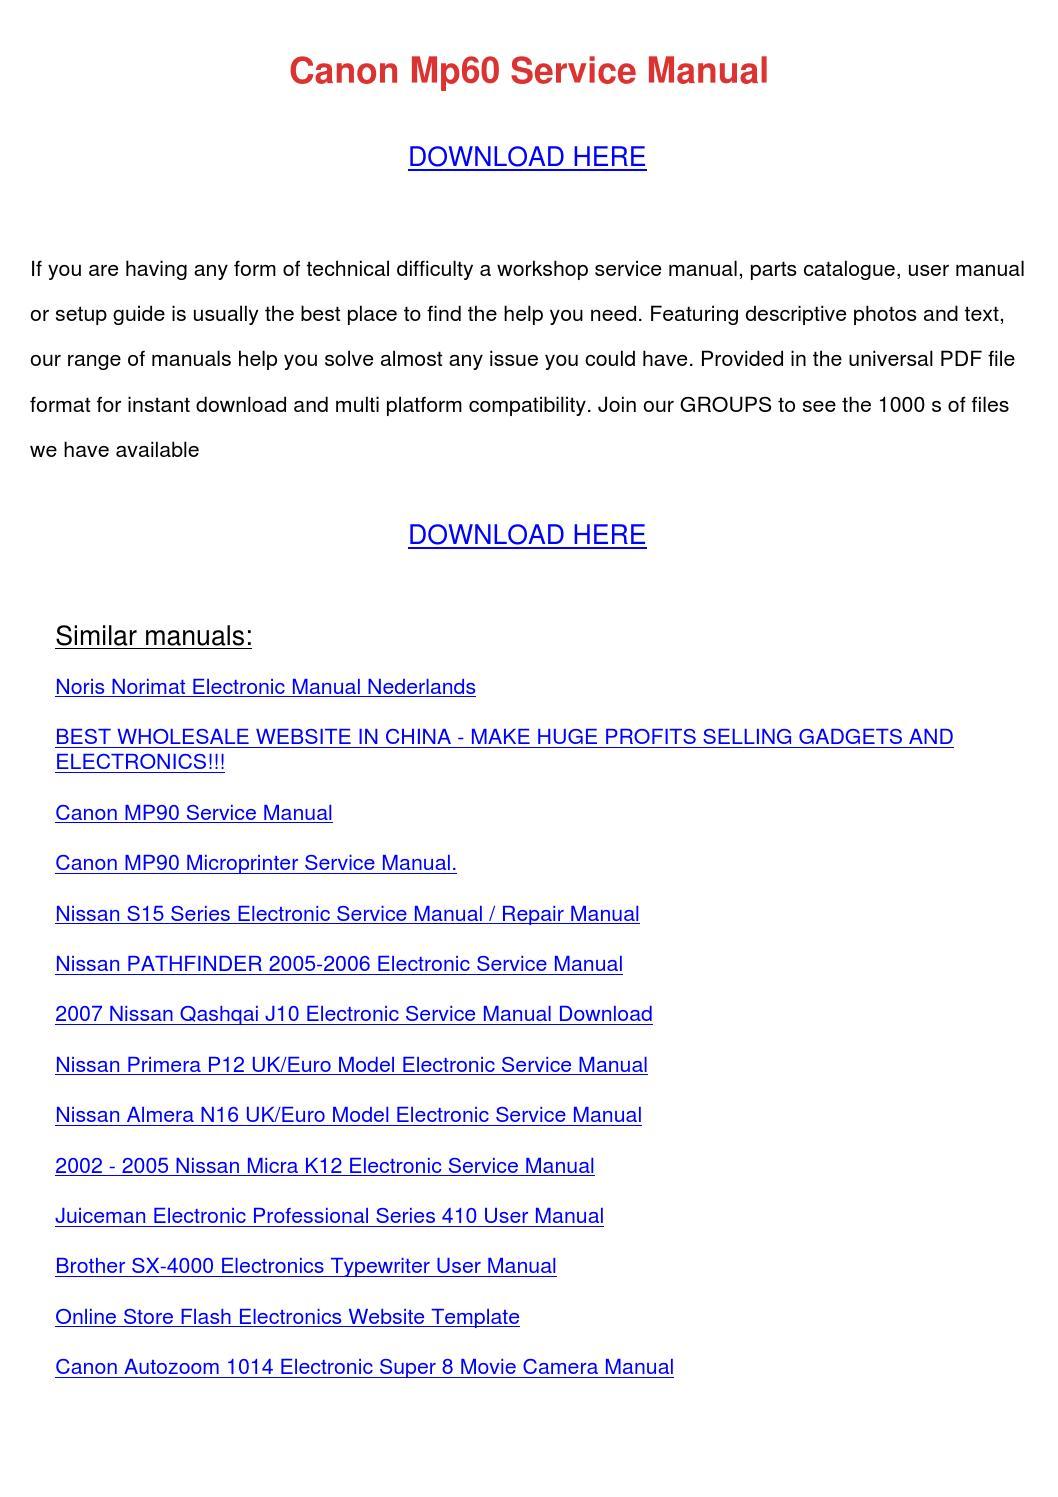 parts manual and BONUS! Jeep Wrangler TJ 1997-2002 service repair manual